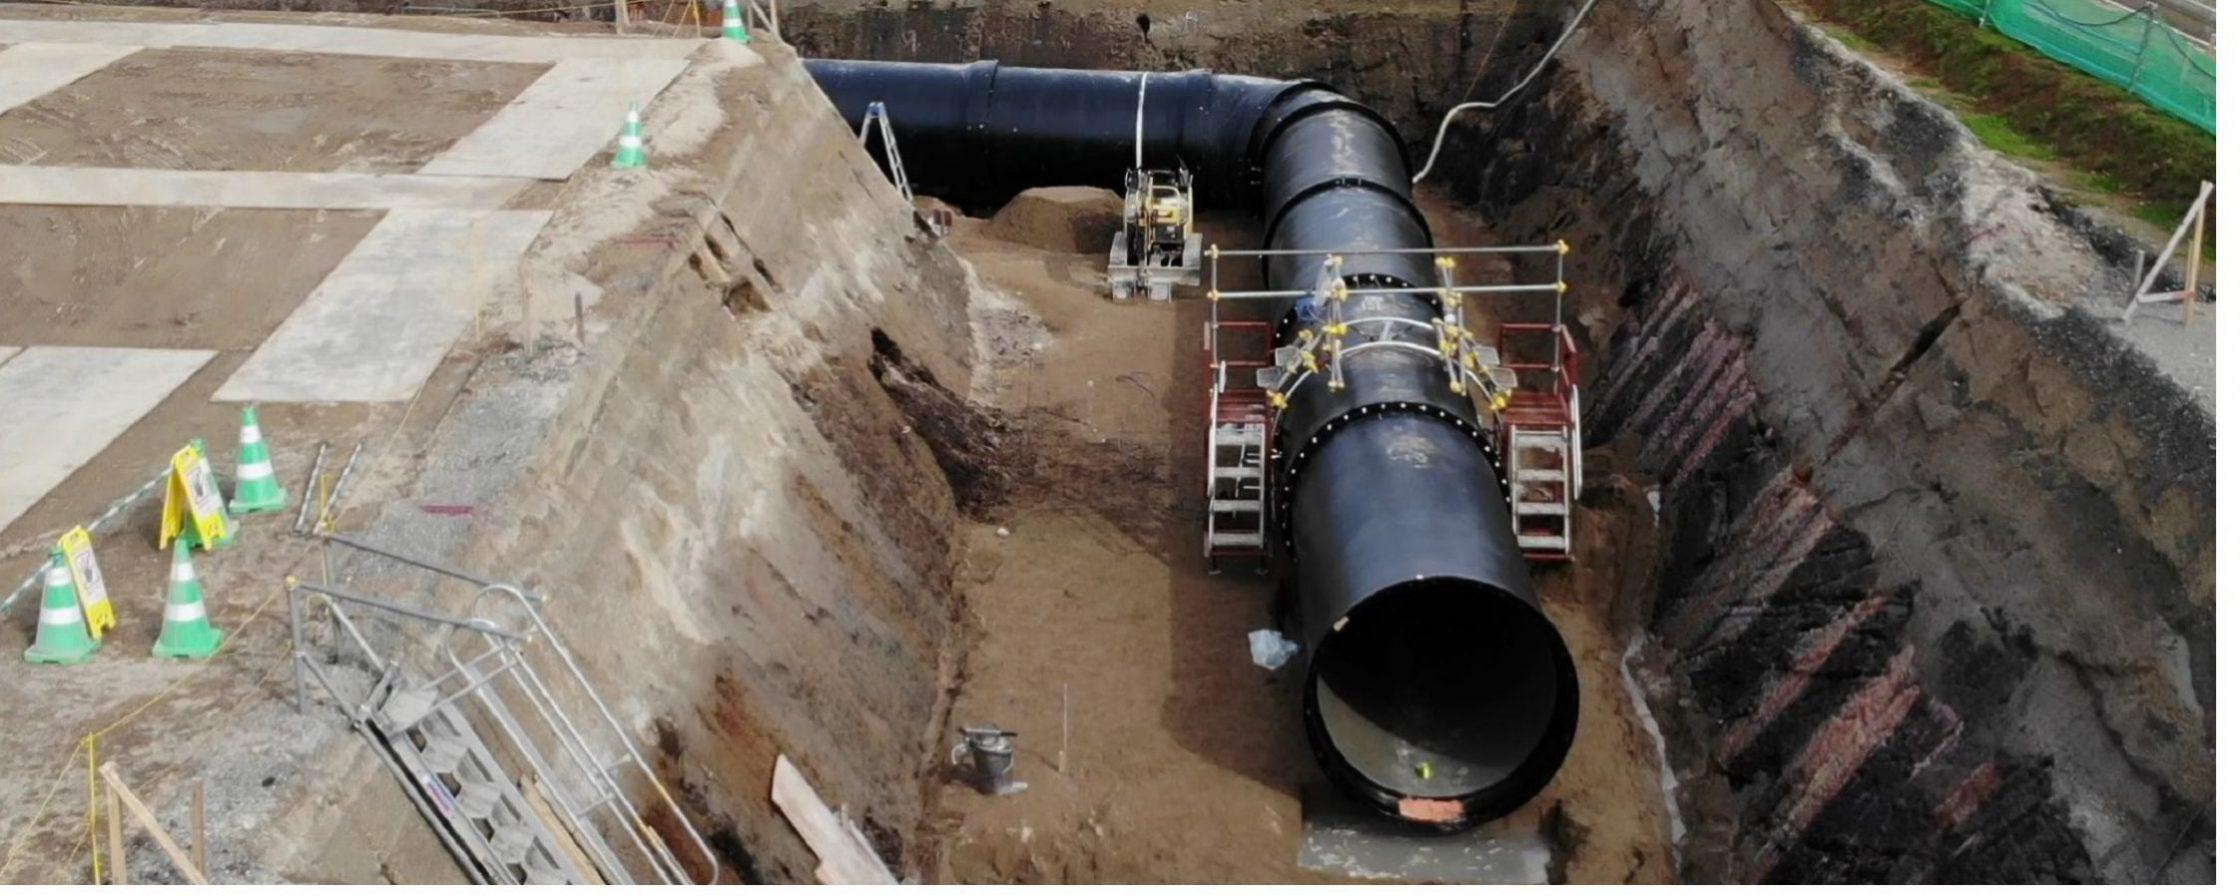 舞鶴設備工業株式会社 地中用水路